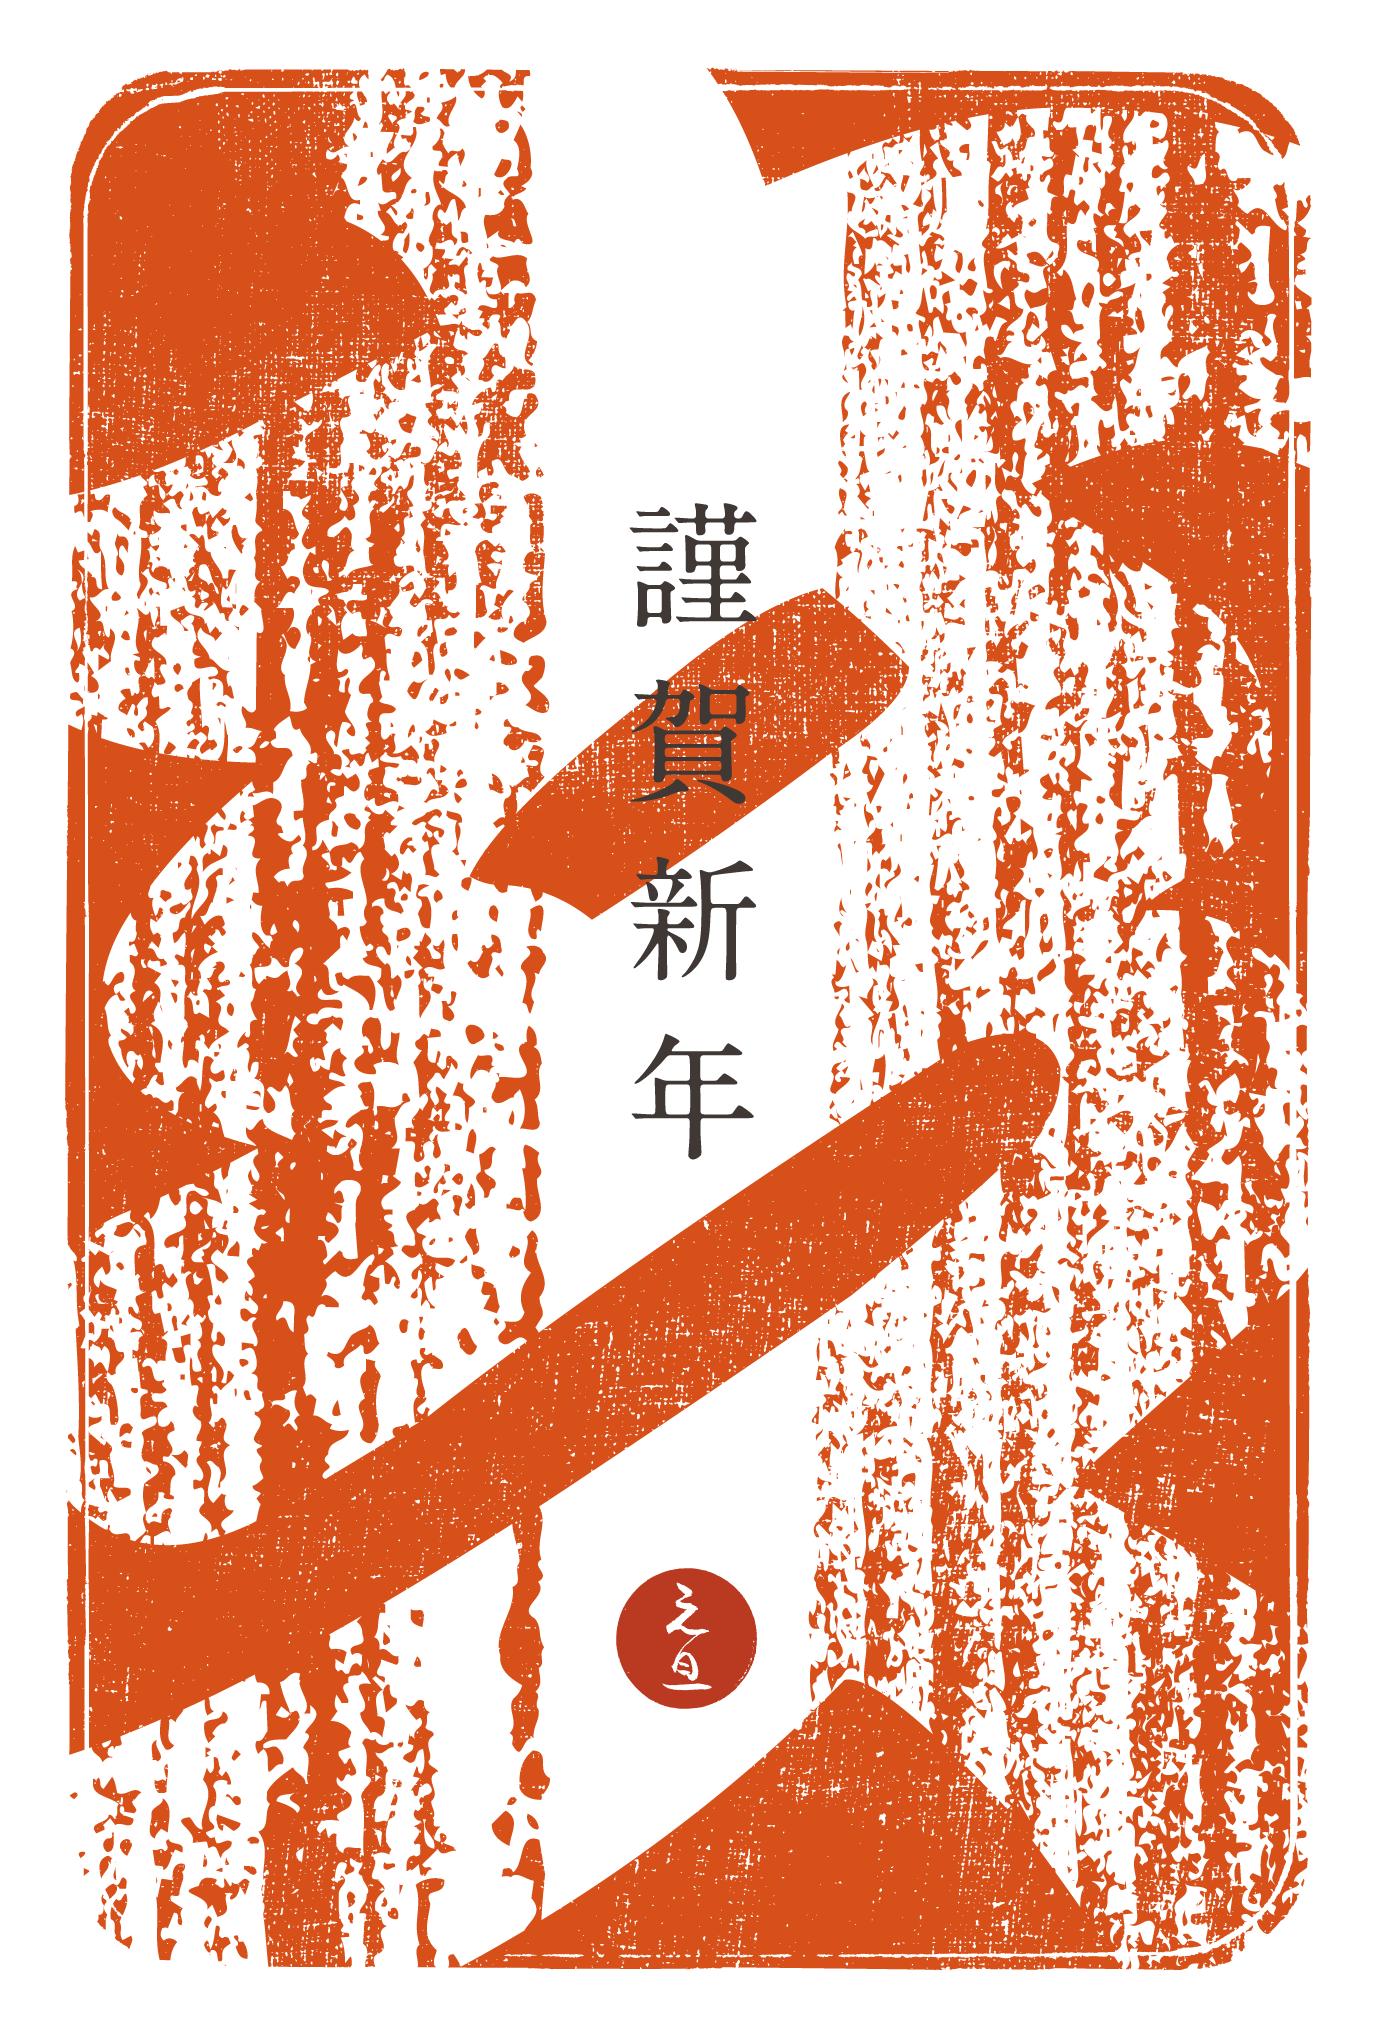 2019年賀状04-3:江戸勘亭流(亥)緋色のダウンロード画像